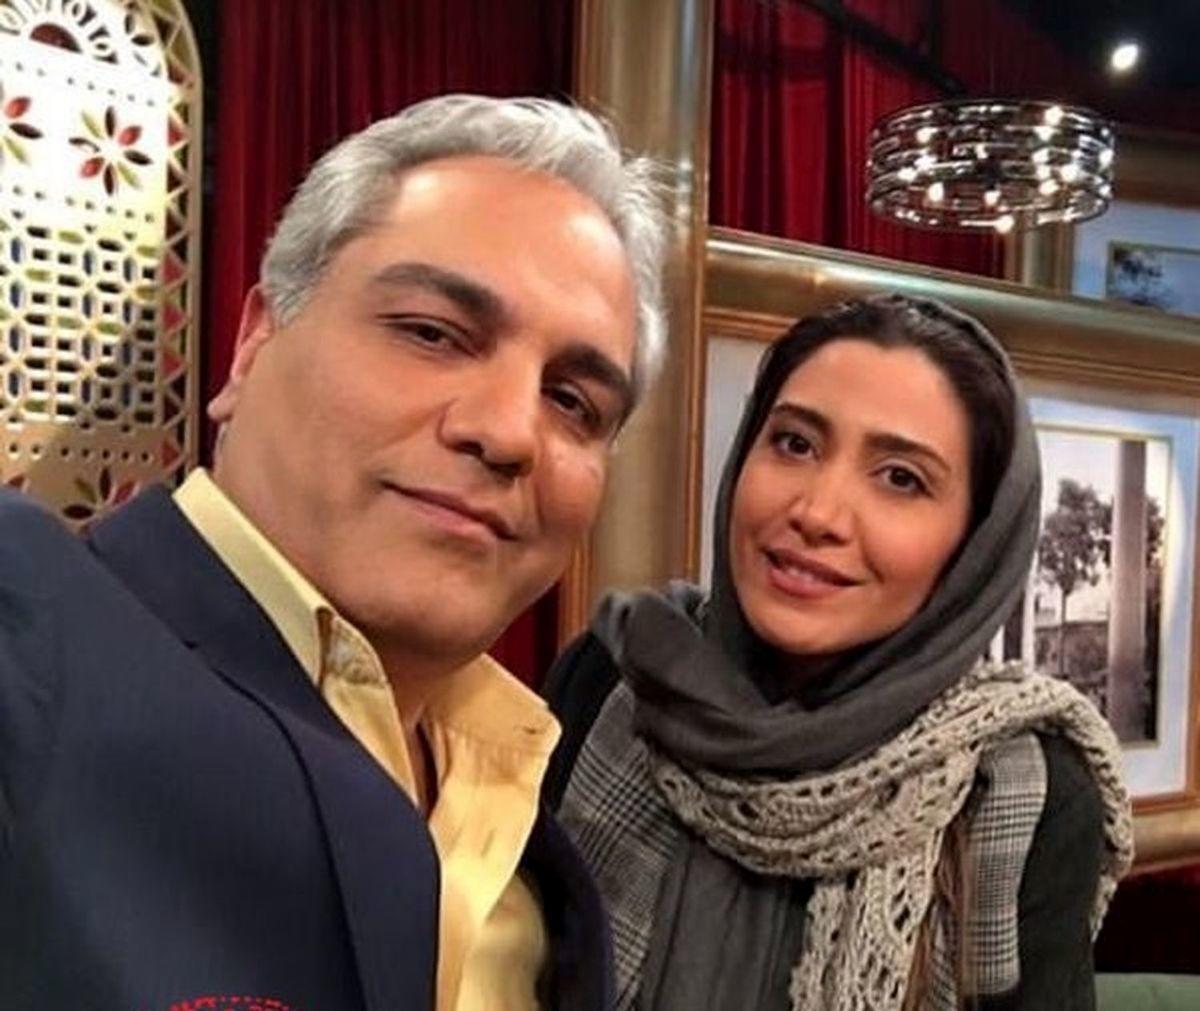 مهران مدیری| جنجال ماجرای طلاق از همسرش + عکس و علت طلاق